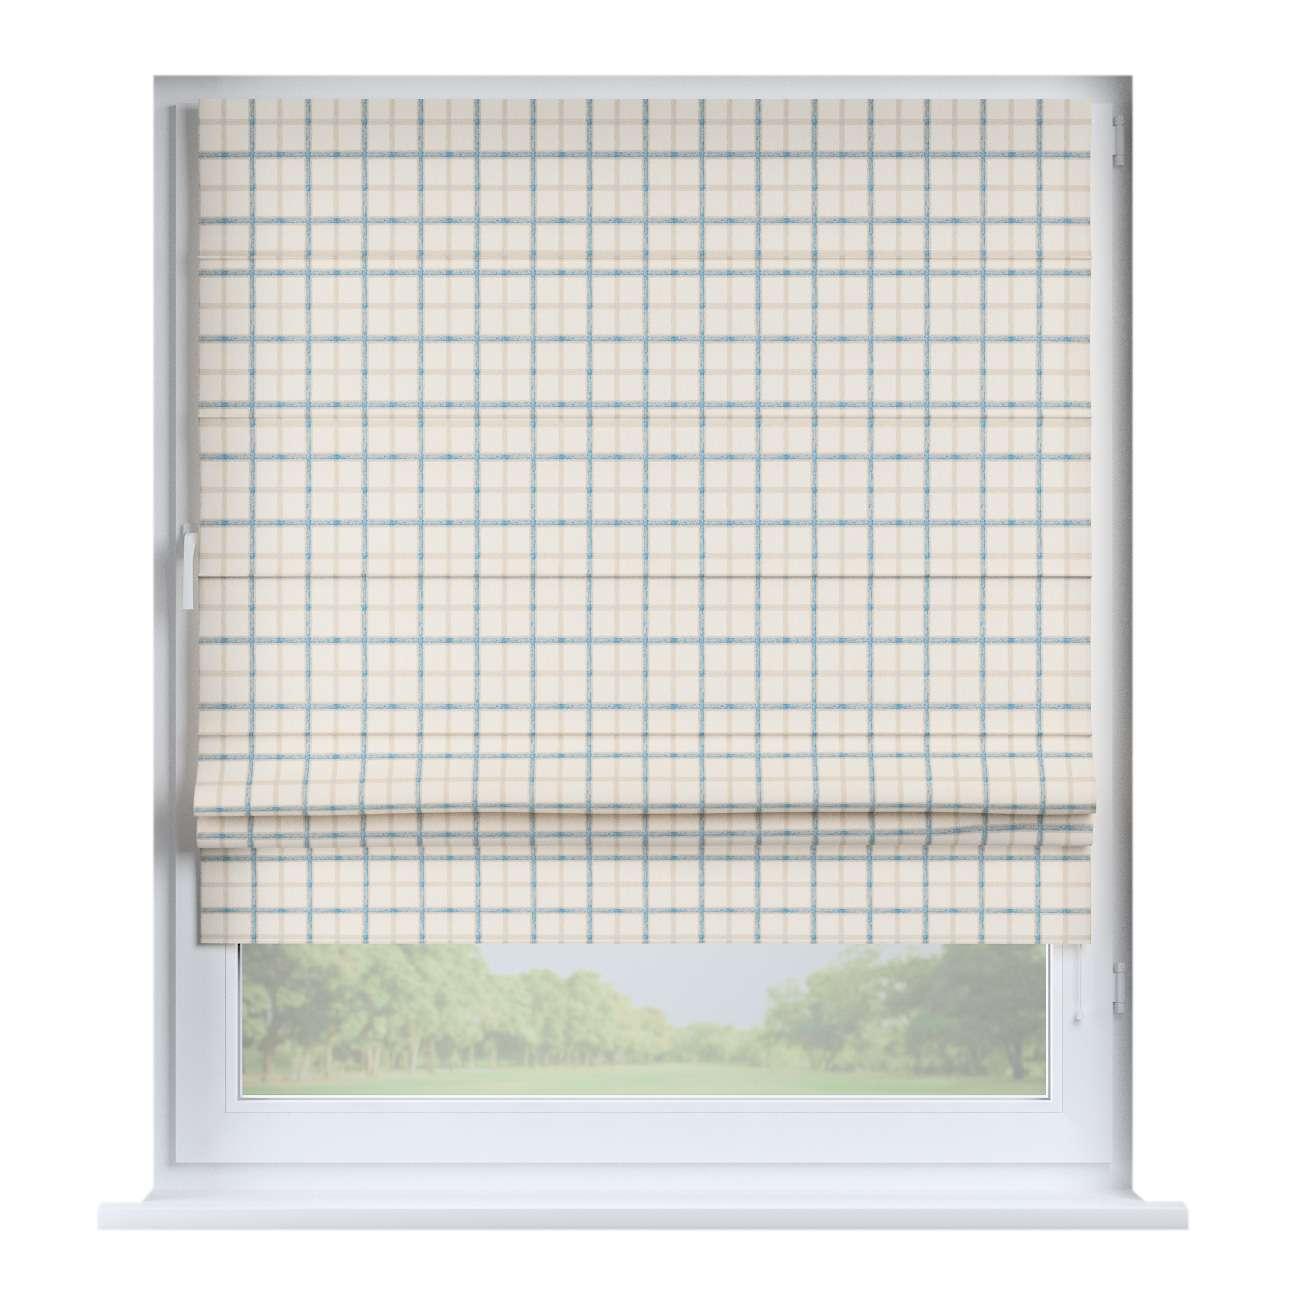 Romanetės Padva 80 x 170 cm (plotis x ilgis) kolekcijoje Avinon, audinys: 131-66